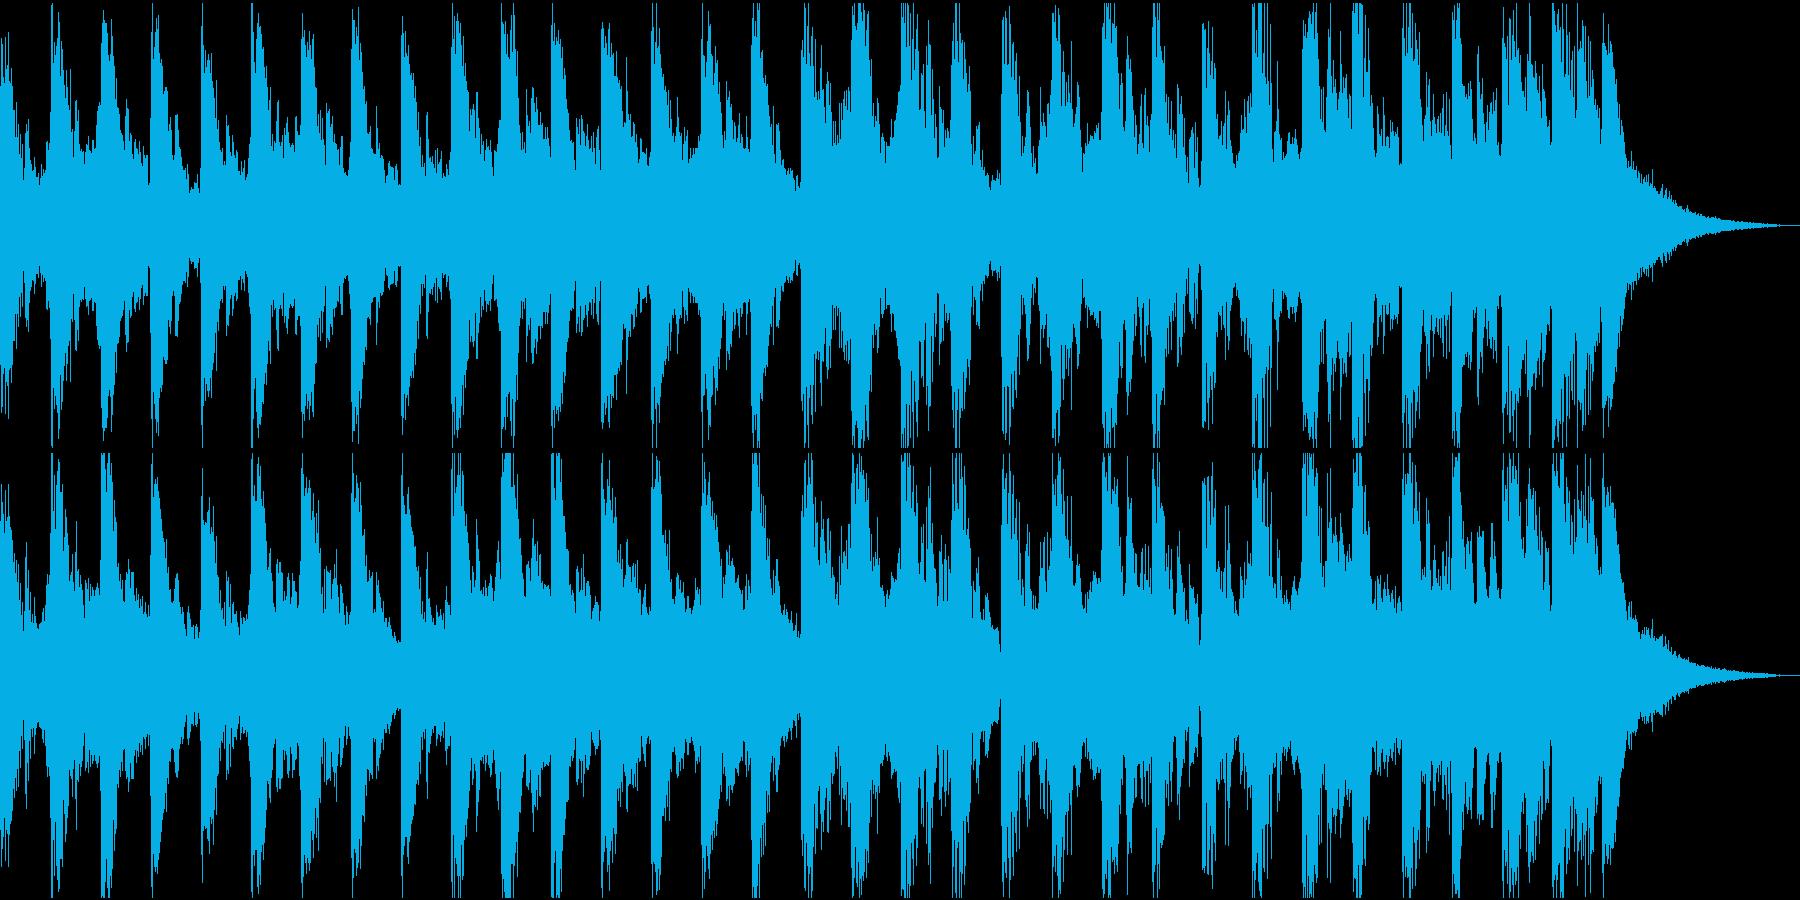 【ジングル】15秒のコミカルなジングルの再生済みの波形